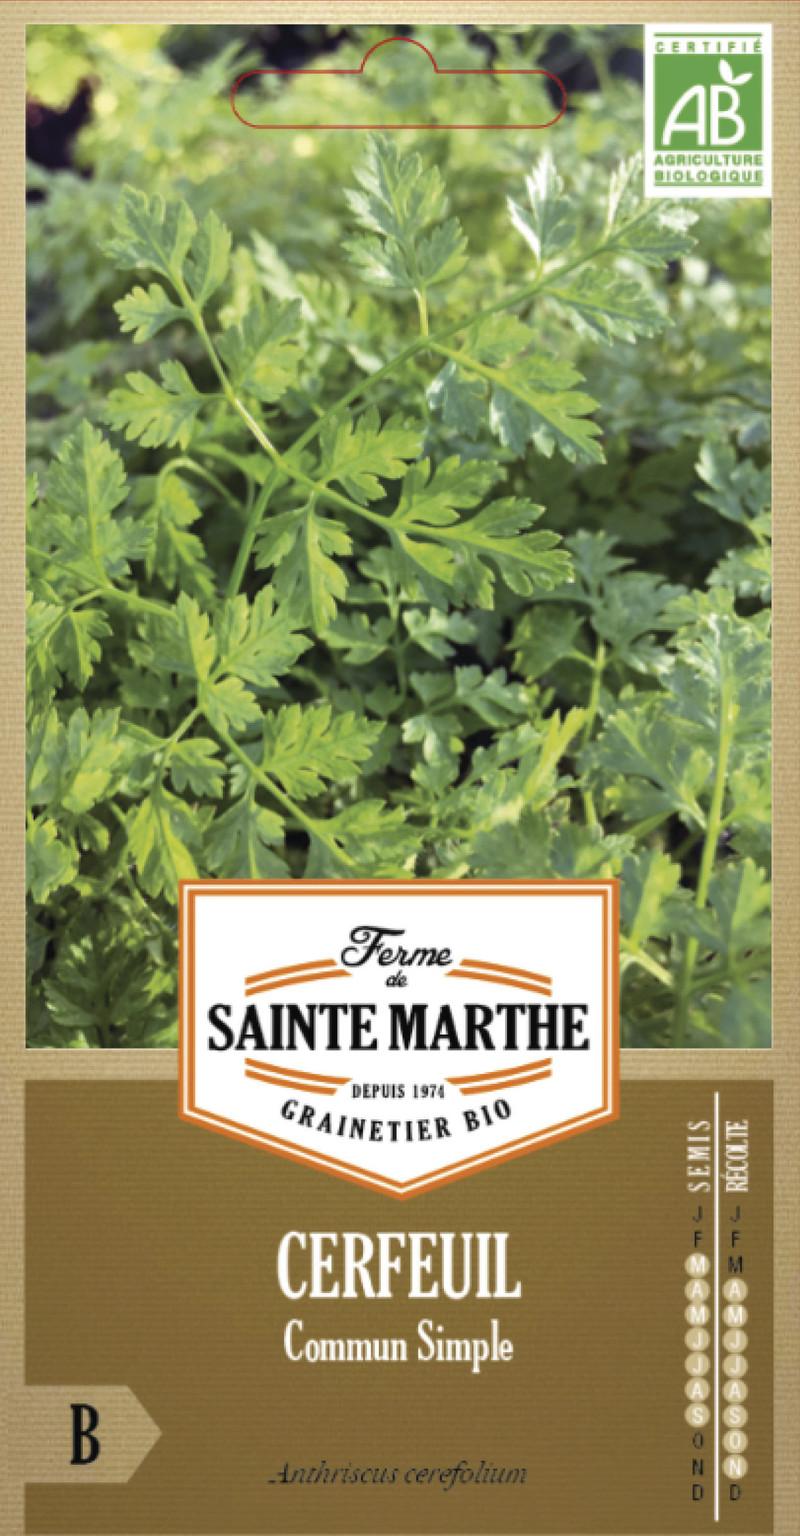 cerfeuil commun simple bio la ferme de sainte marthe graine semence aromatique sachet semis - Voir en grand